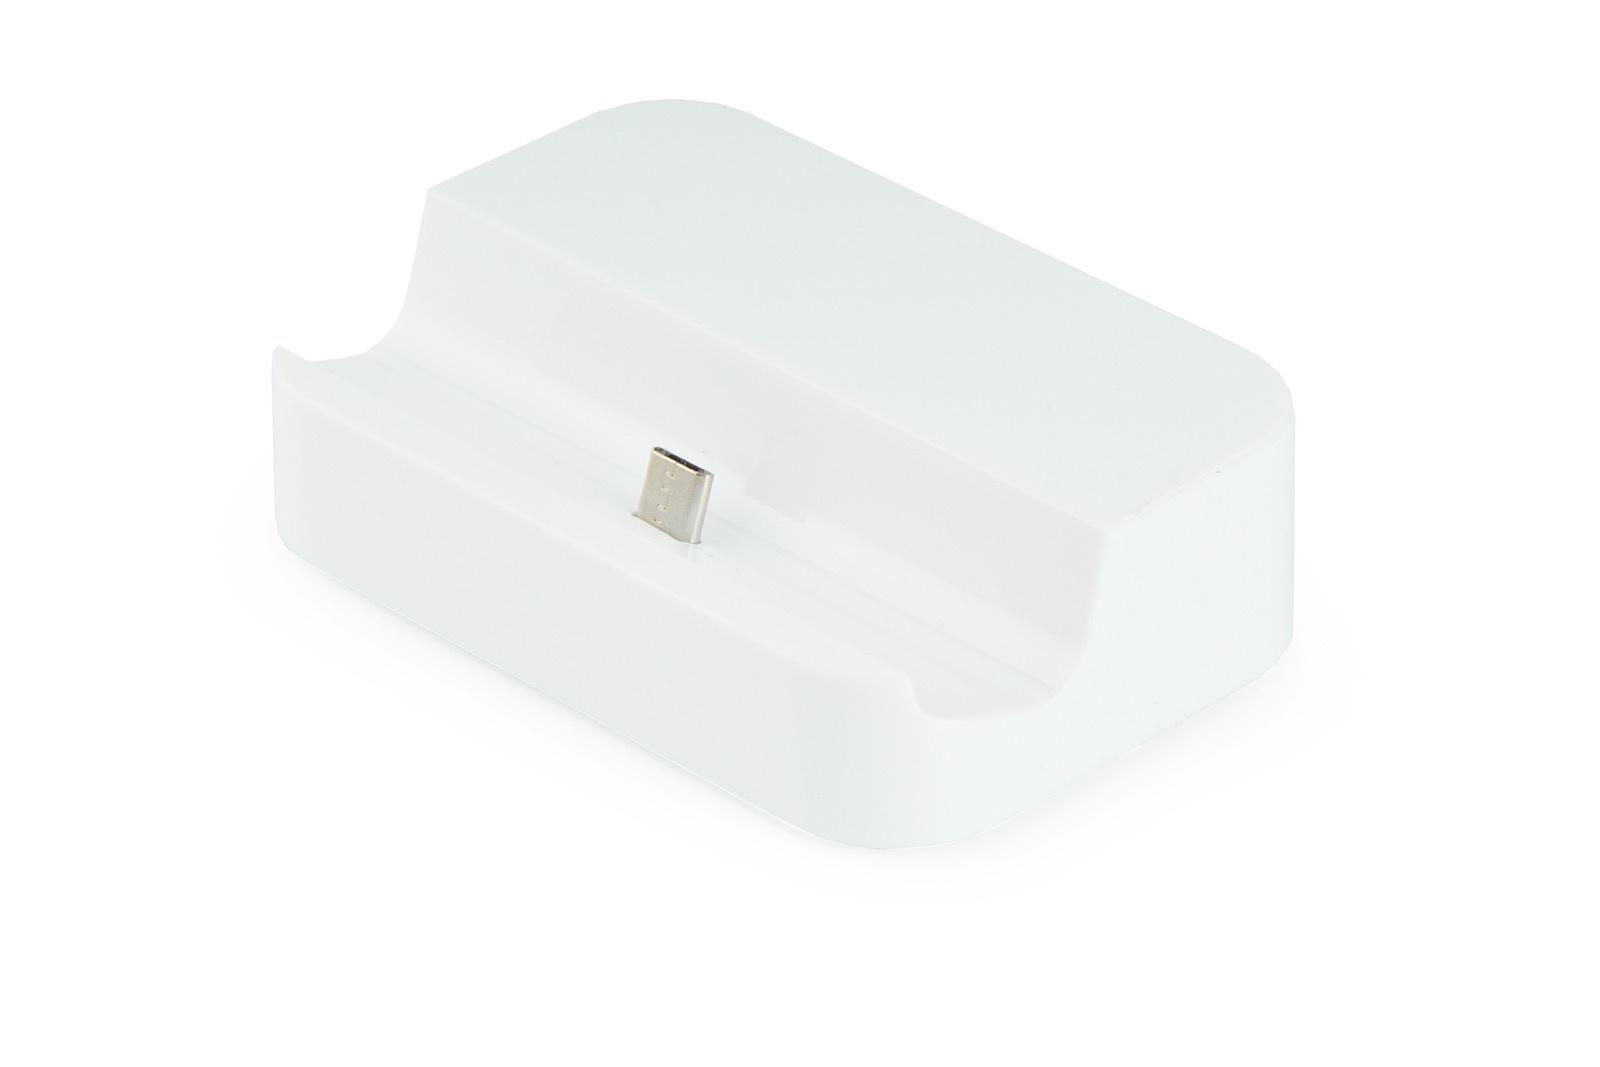 Док станция Gurdini Samsung micro белая зарядное устройство док станция usb порт разъем flex кабель для samsung галактики s2 i9100 модель d